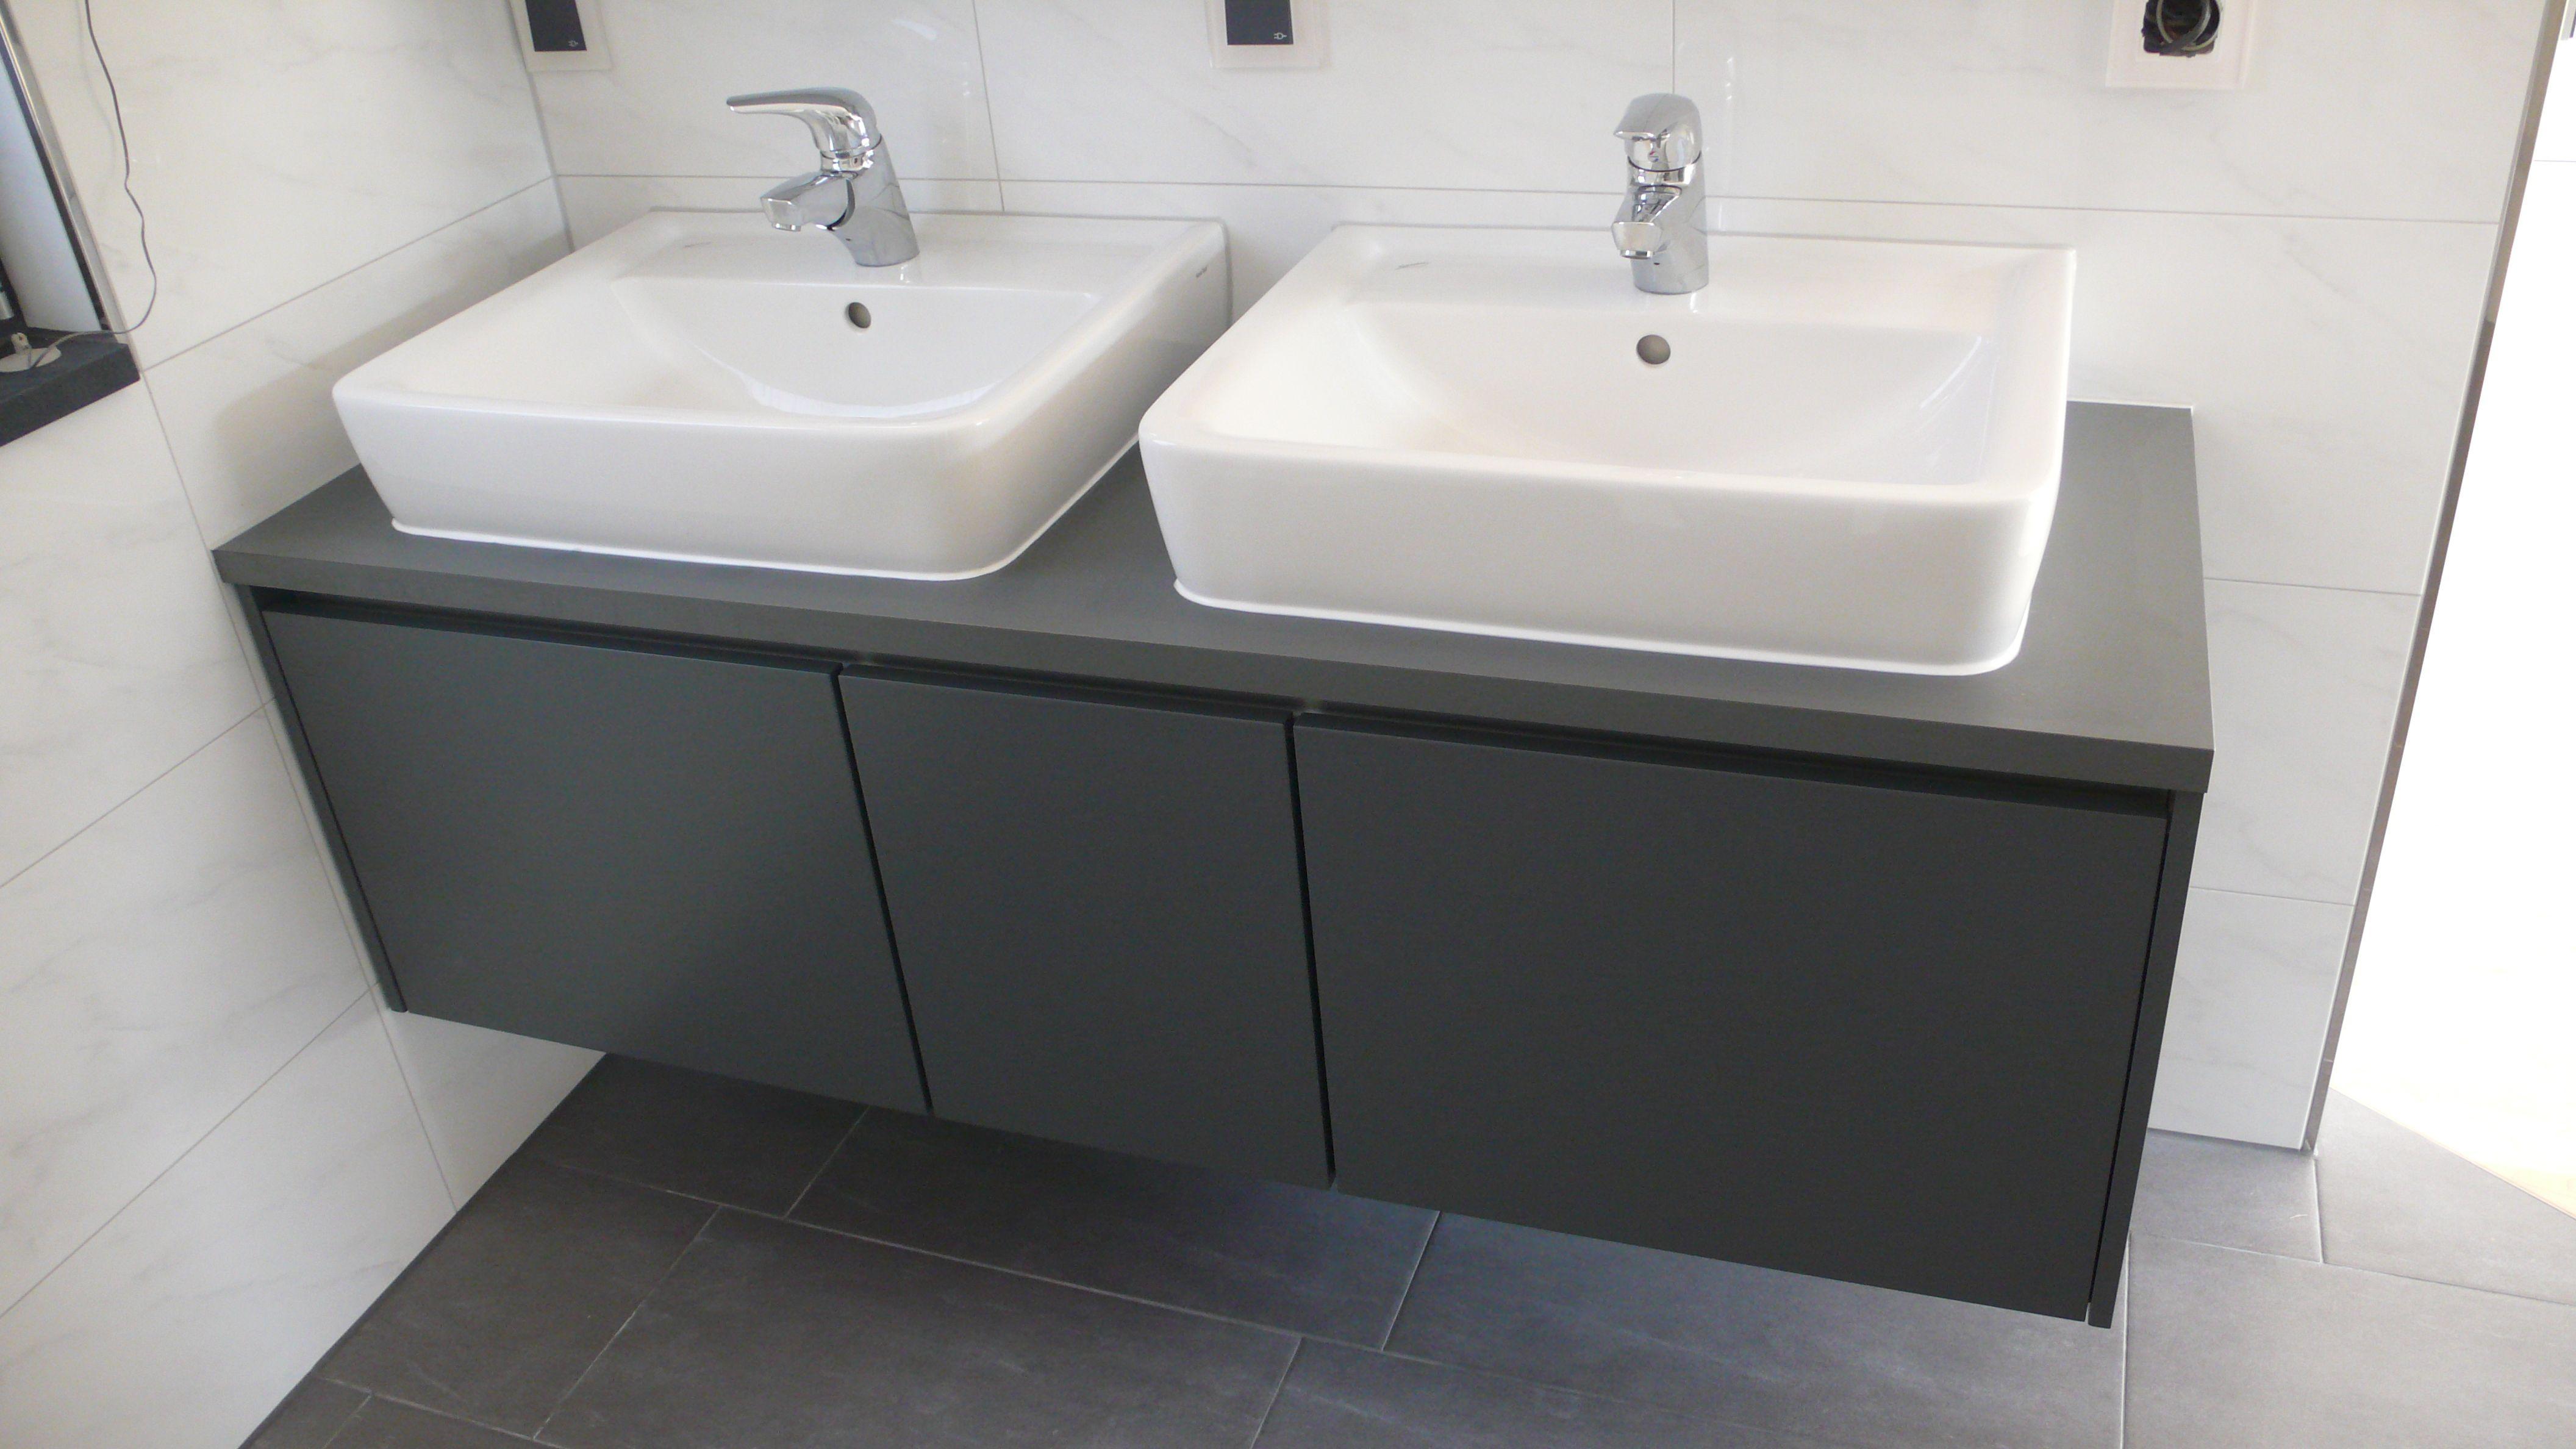 Tolle Optik Fur Das Badezimmer Waschtischunterschrank In Dunklen Farben Mit Einem Modernen Weissen Waschbecken Waschtischunterschrank Waschbecken Badezimmer